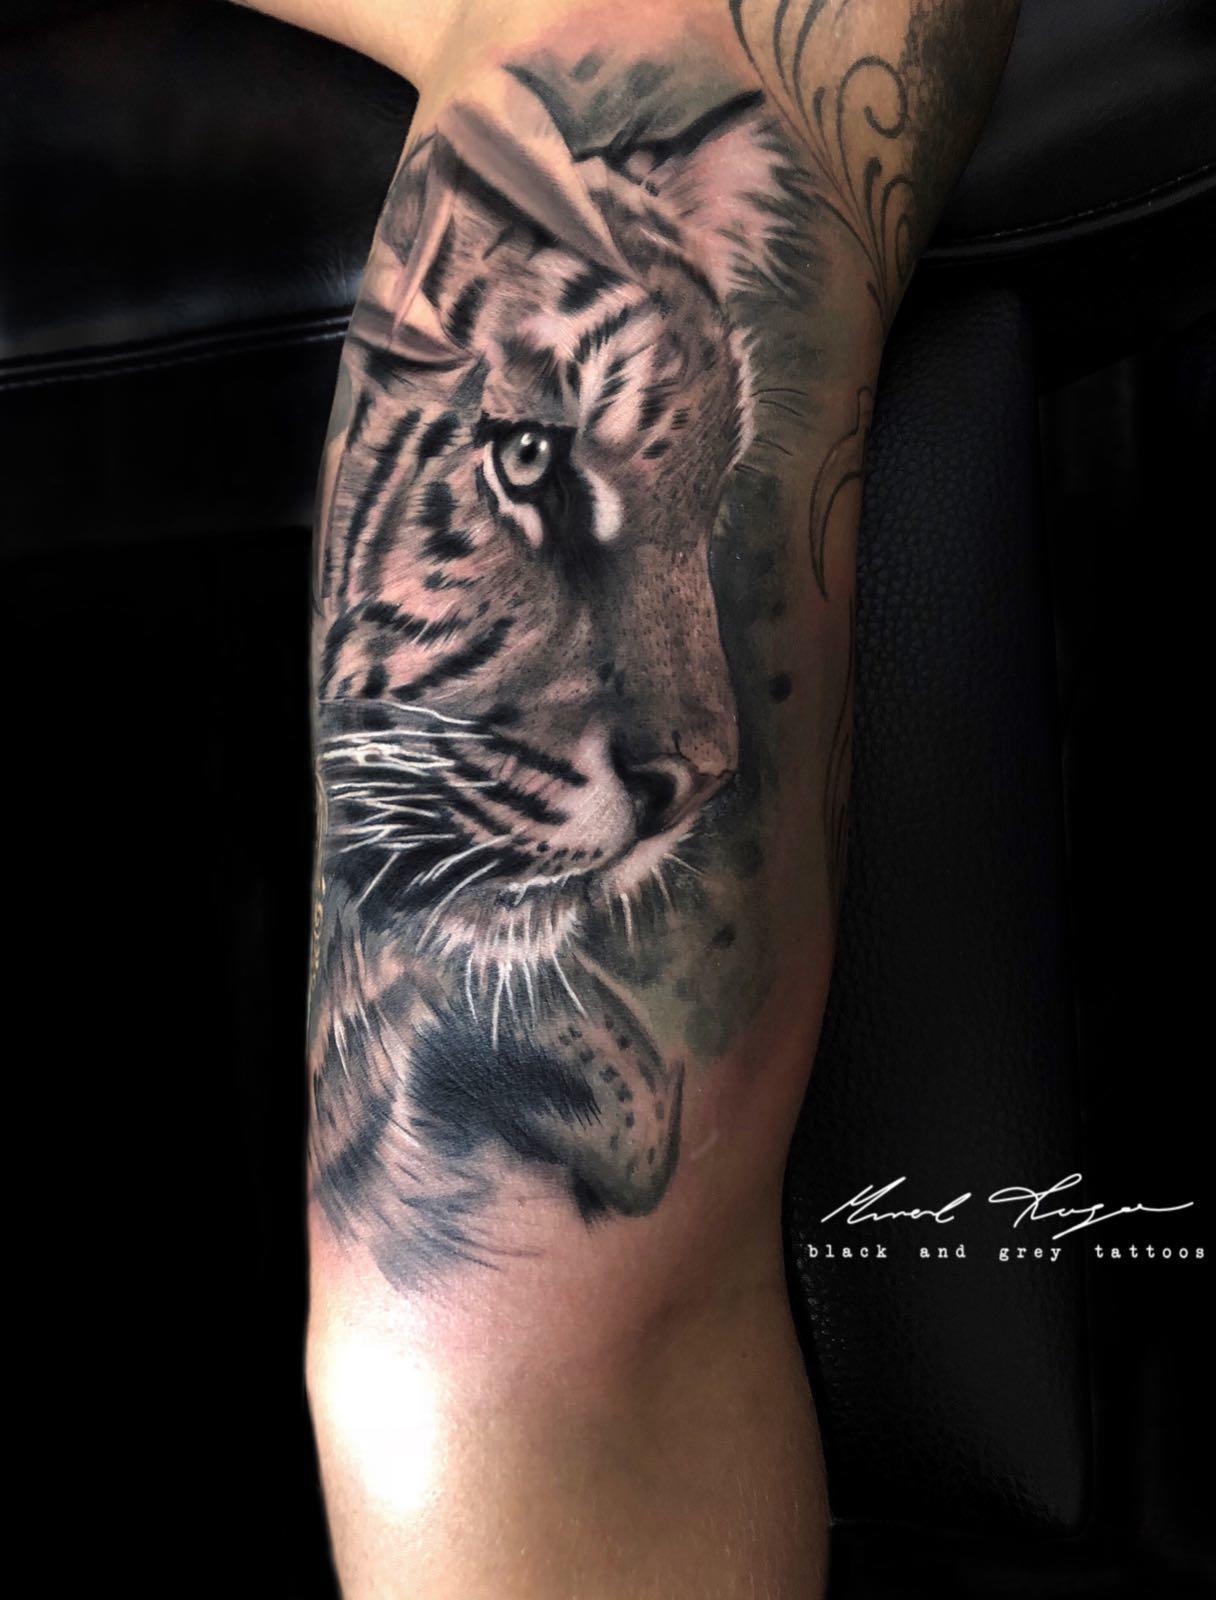 Ligera-ink-tattoo-milano-tatuaggi-milano-migliori-tatuatori-milano-tatuaggio-tigre-realistico-tattoo-tigre-realistica